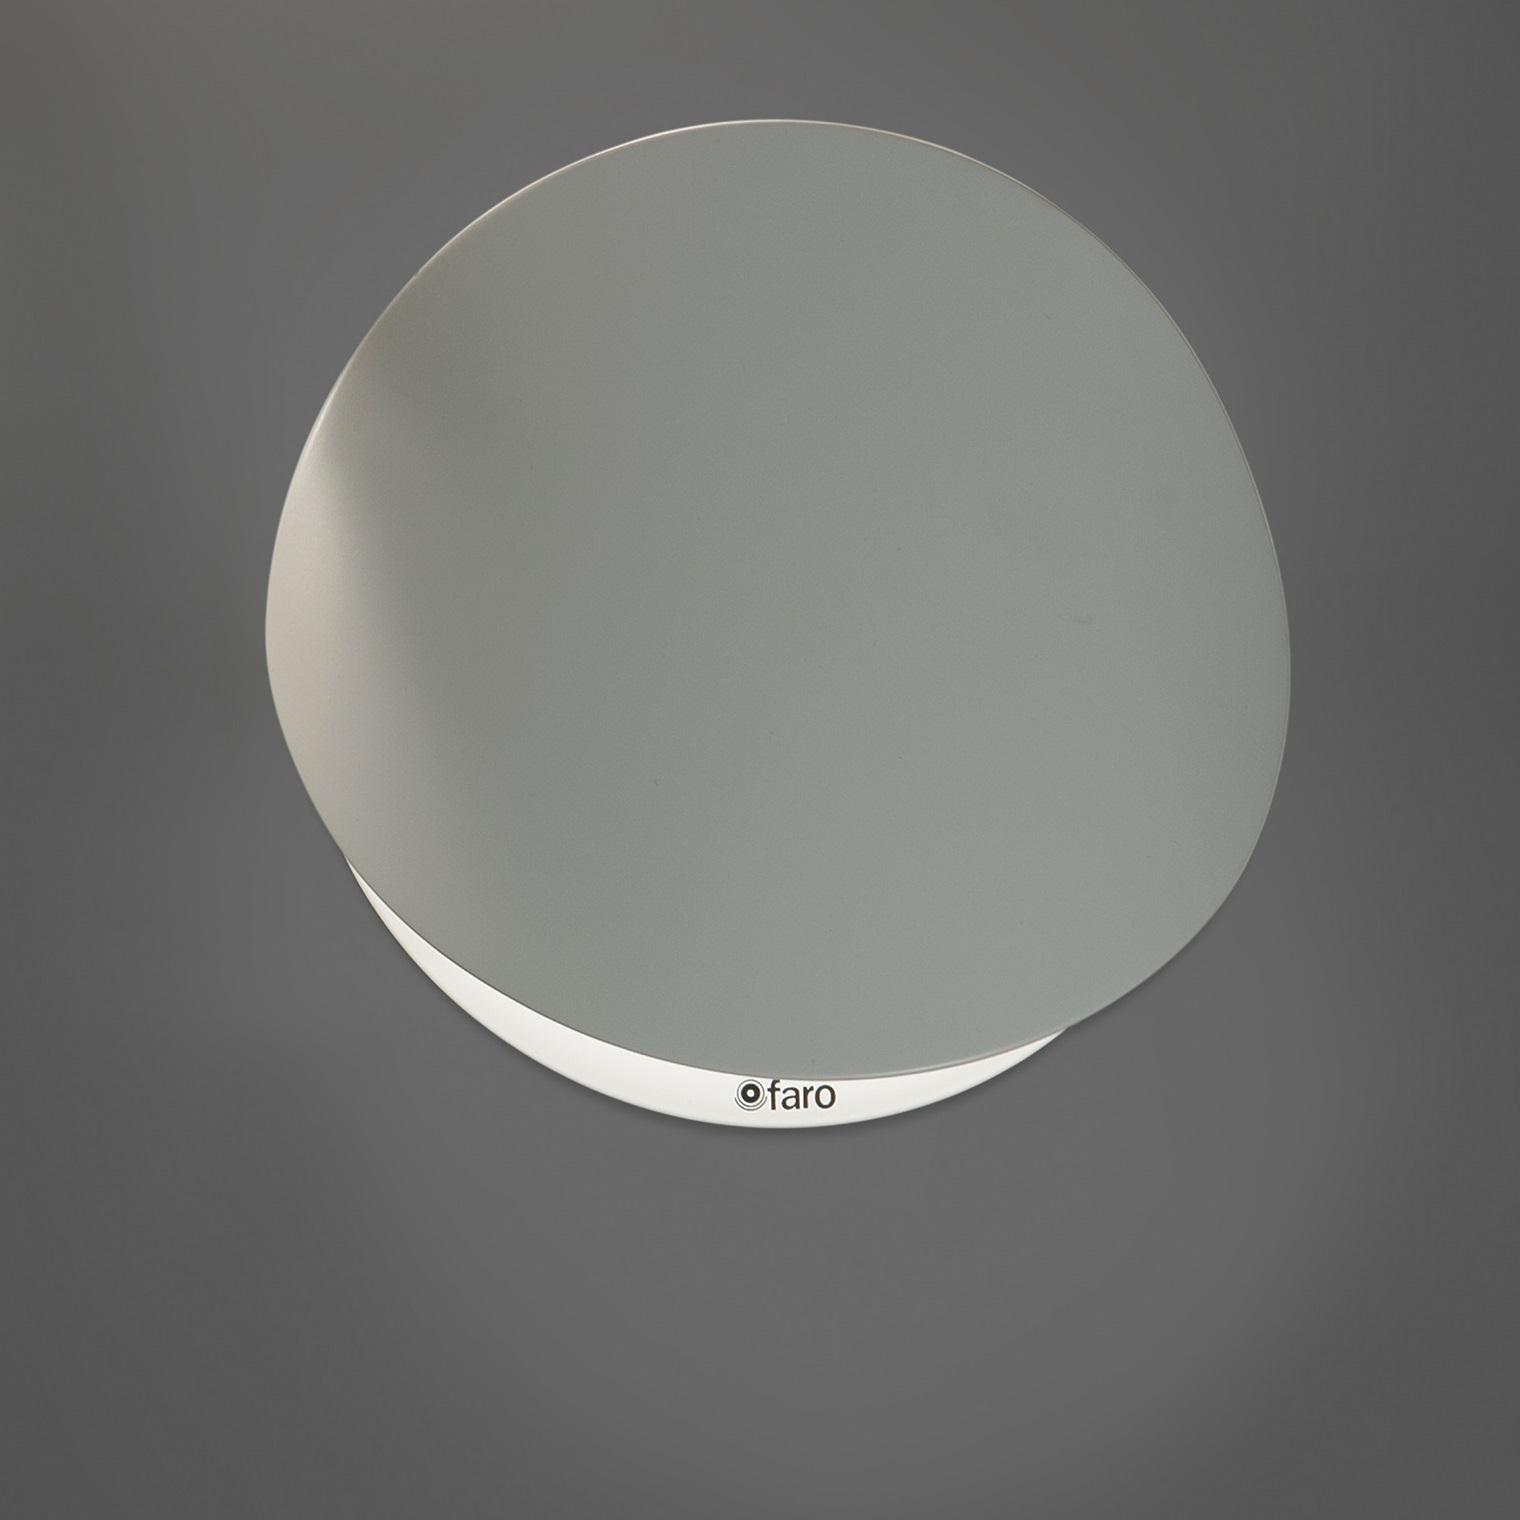 Applique Murale Ovo Blanc 19cm FARO Luminaires Nedgis